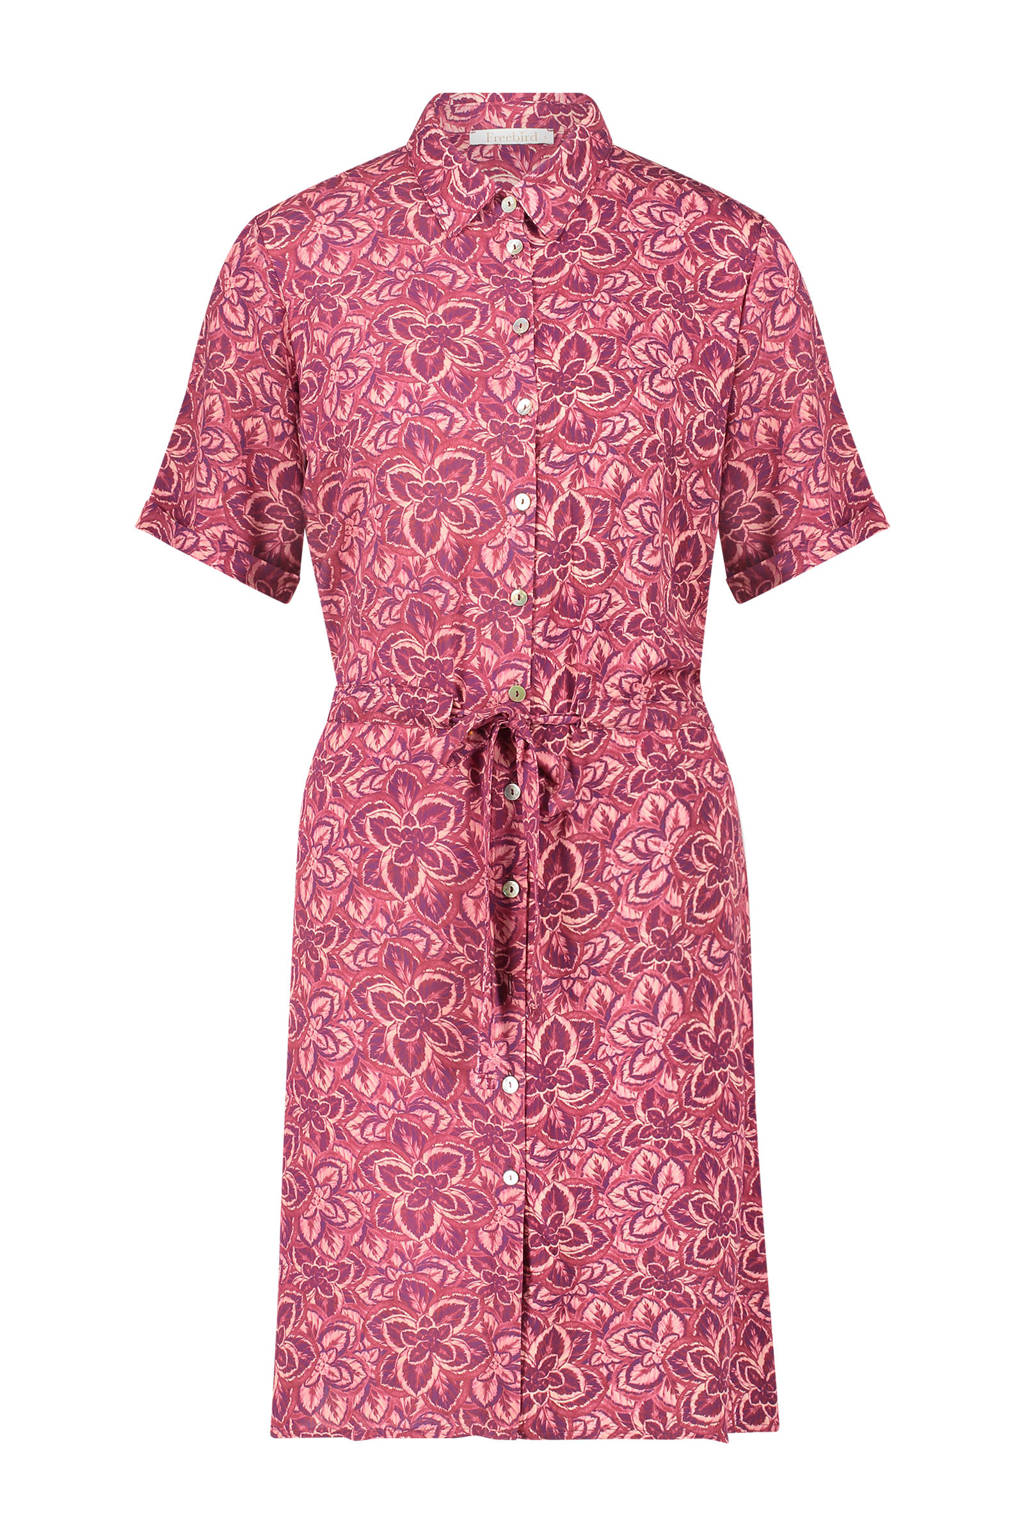 Freebird blousejurk Suzy met all over print en ceintuur roze, Roze